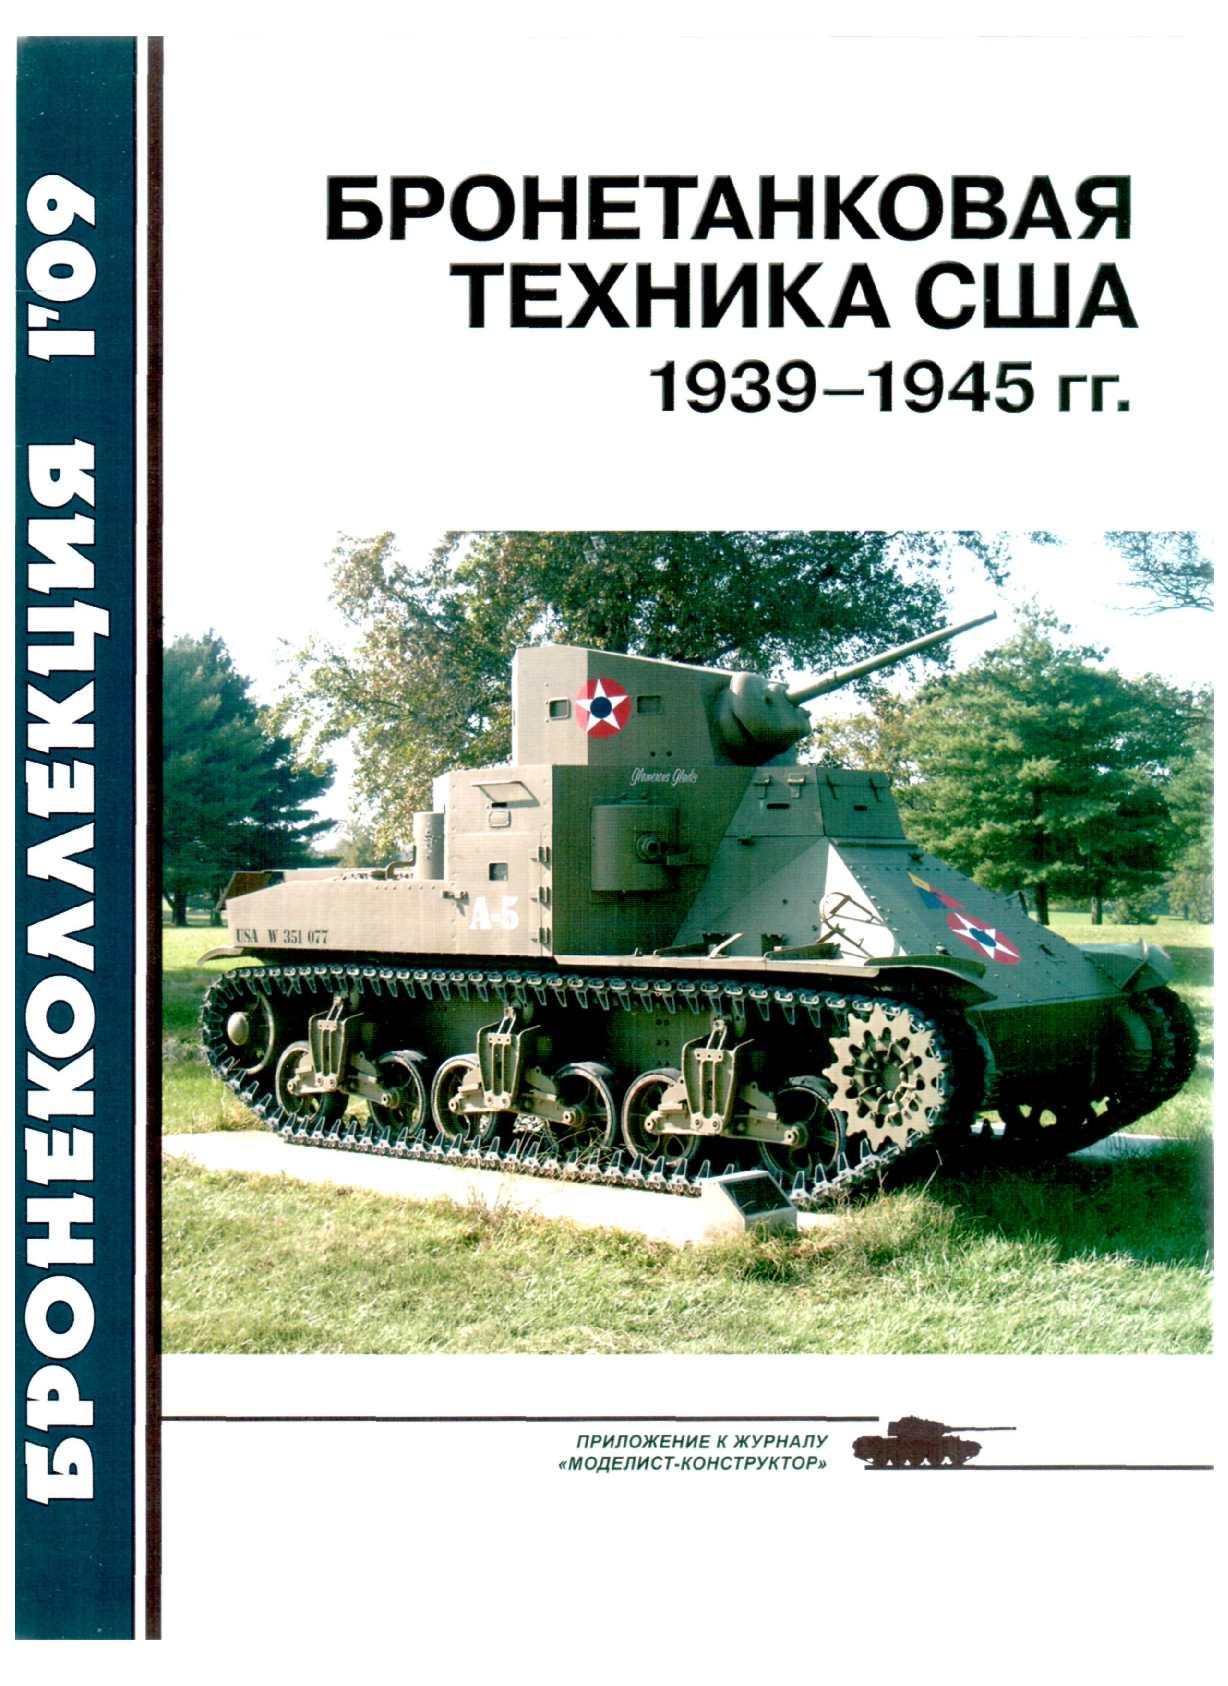 Прочитайте онлайн всемирная история бронетехники   плавающий танк пт-76